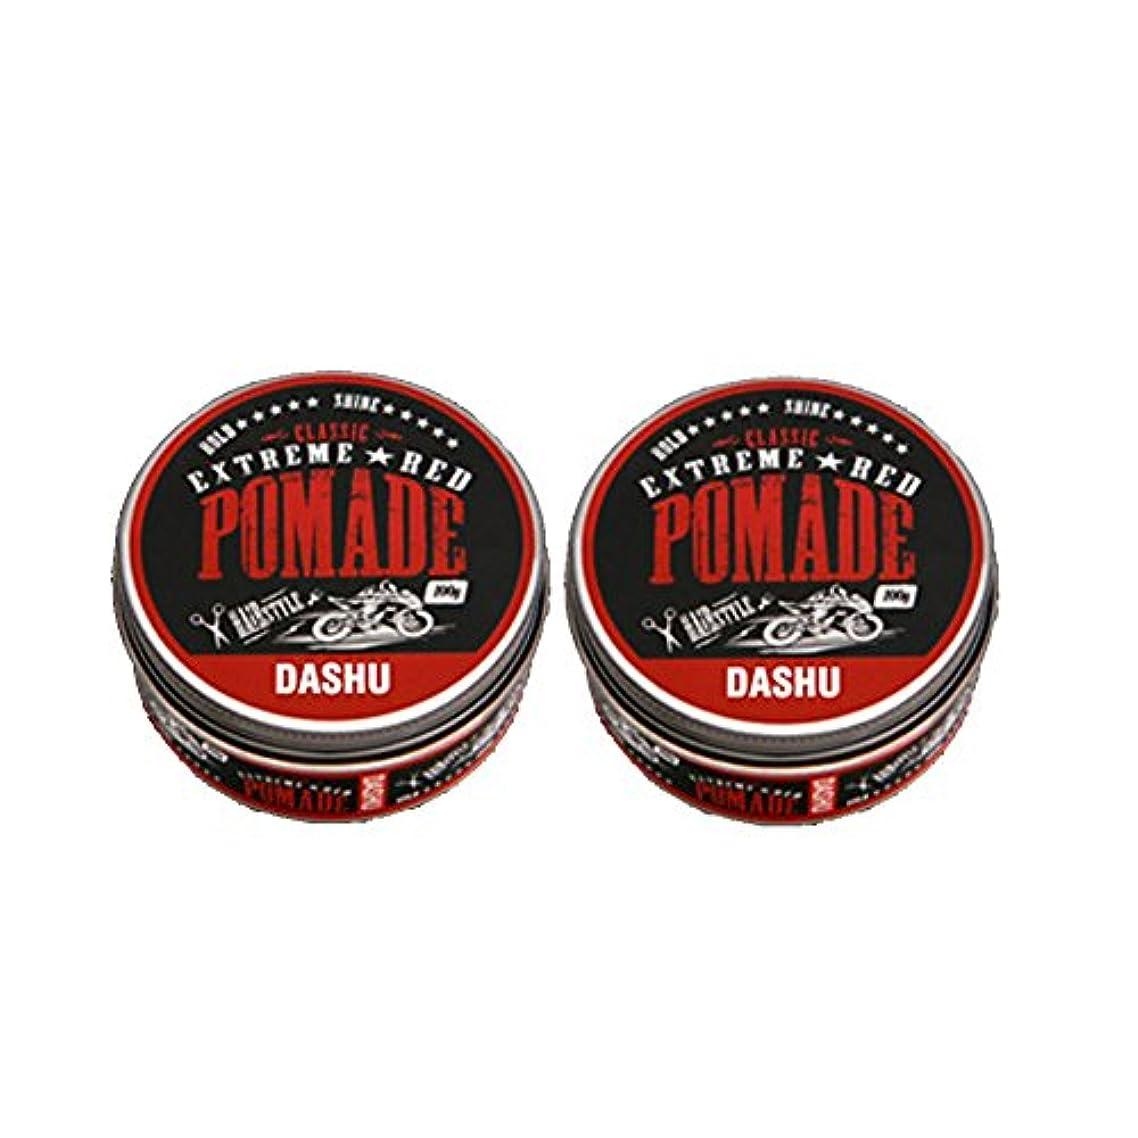 仕出します石のギャンブル(2個セット) x [DASHU] ダシュ クラシックエクストリームレッドポマード Classic Extreme Red Pomade Hair Wax 100ml / 韓国製 . 韓国直送品